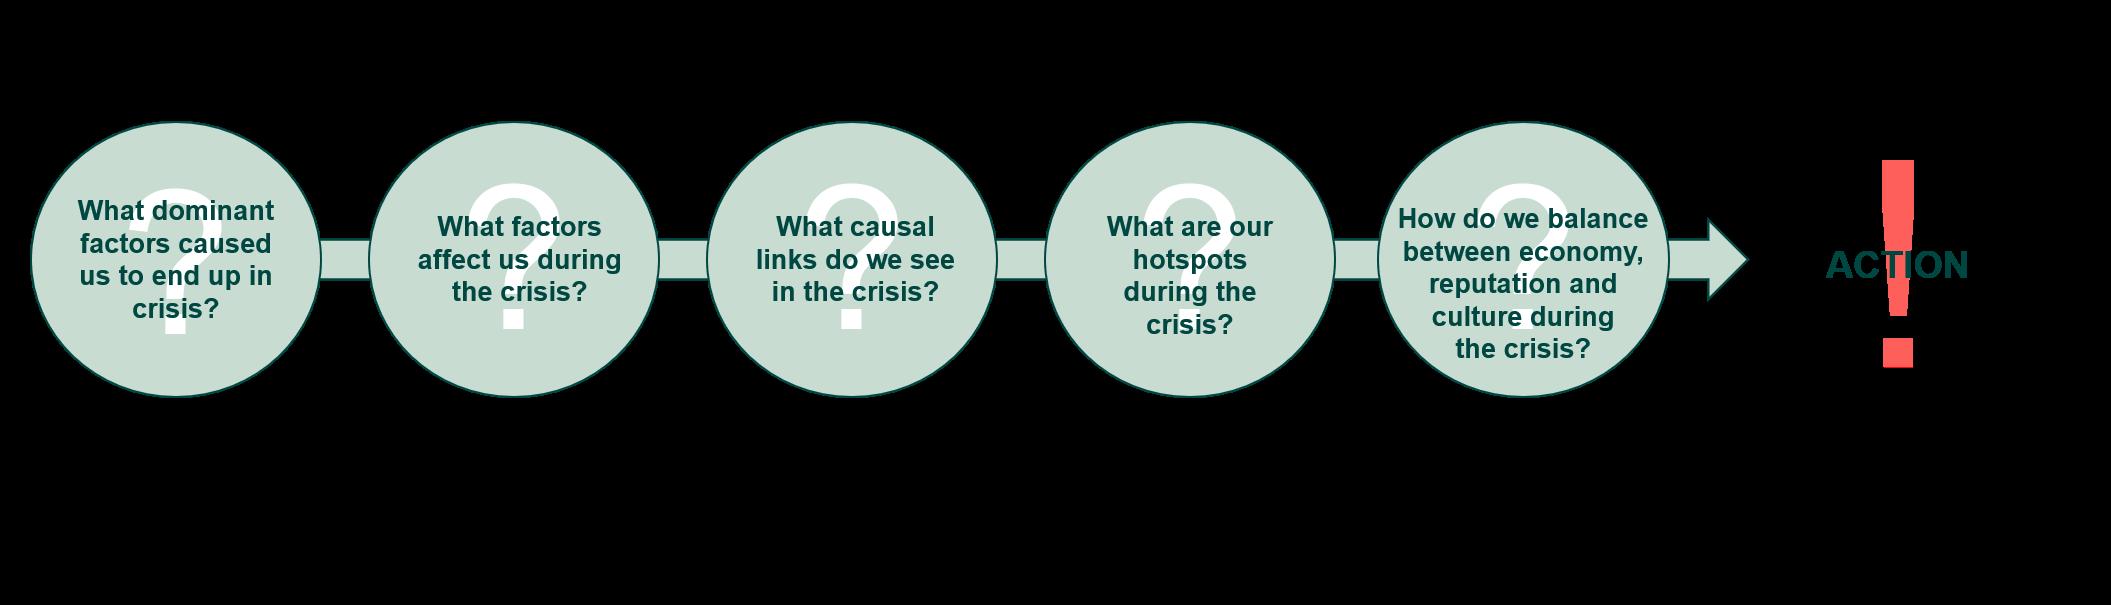 Change management - 5 afdækkende spørgsmål